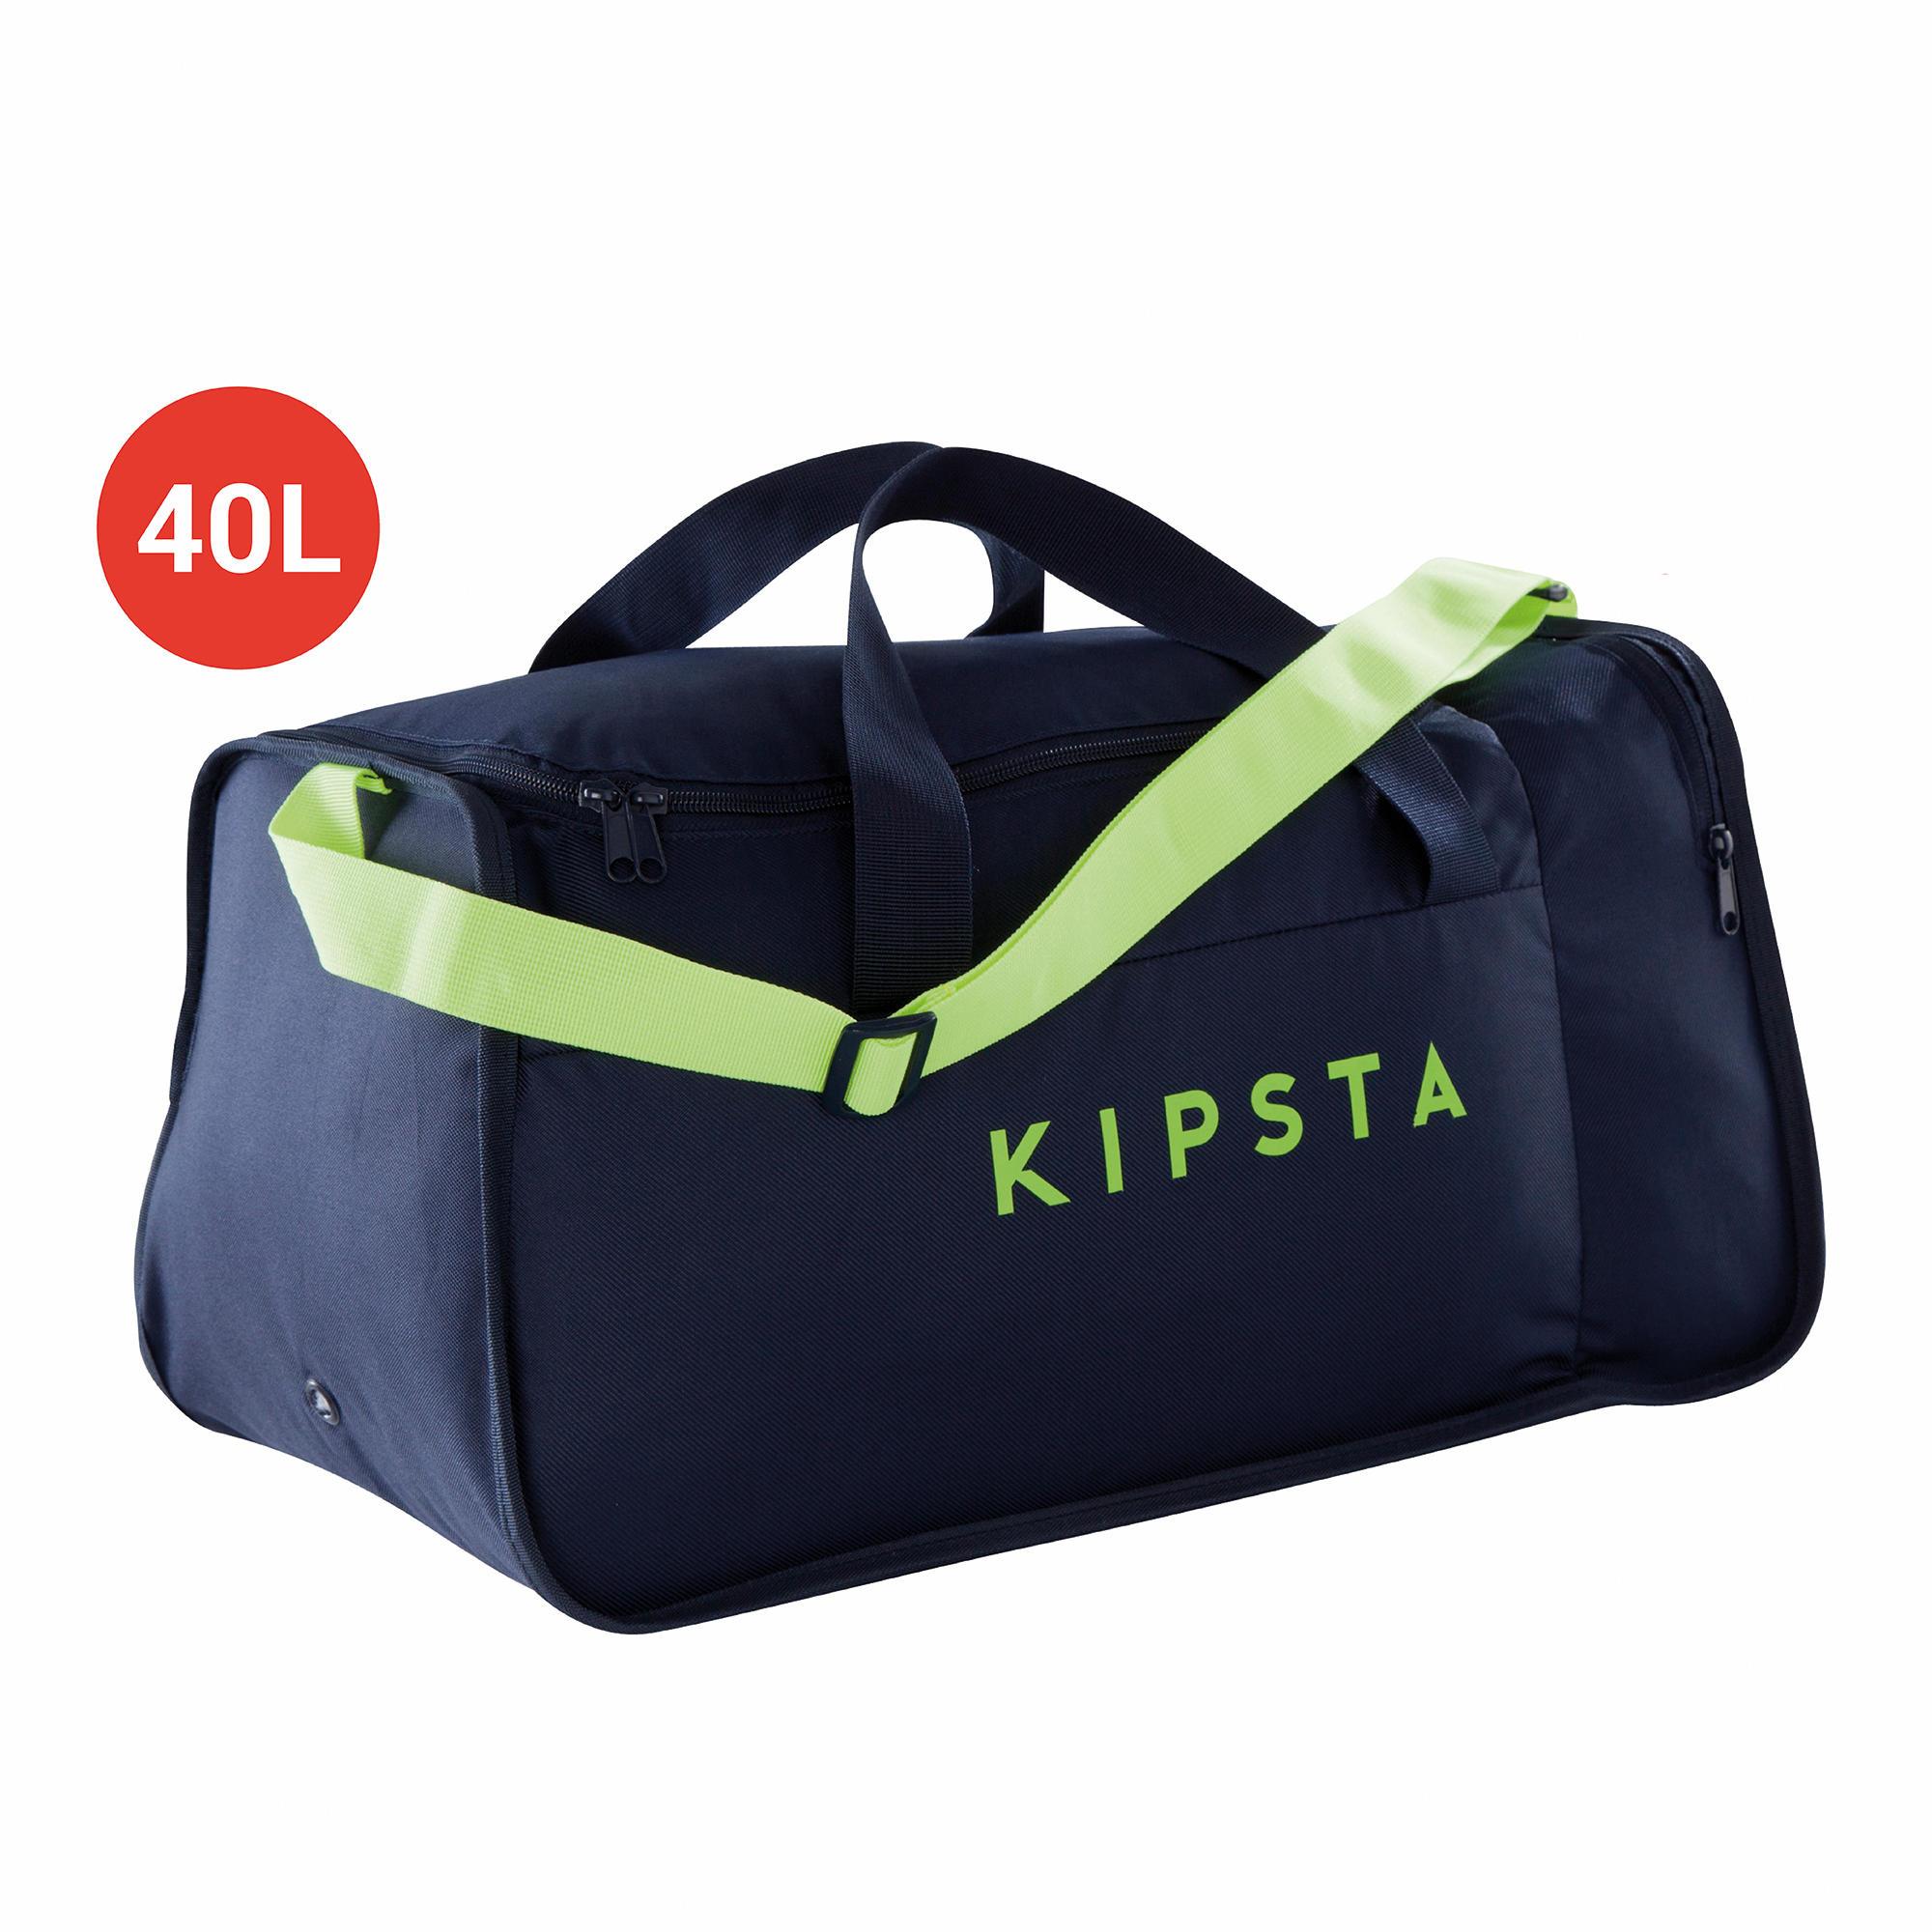 Kipsta Voetbaltas / Sporttas Kipocket 40 liter kopen? Sport accessoires met voordeel vind je hier